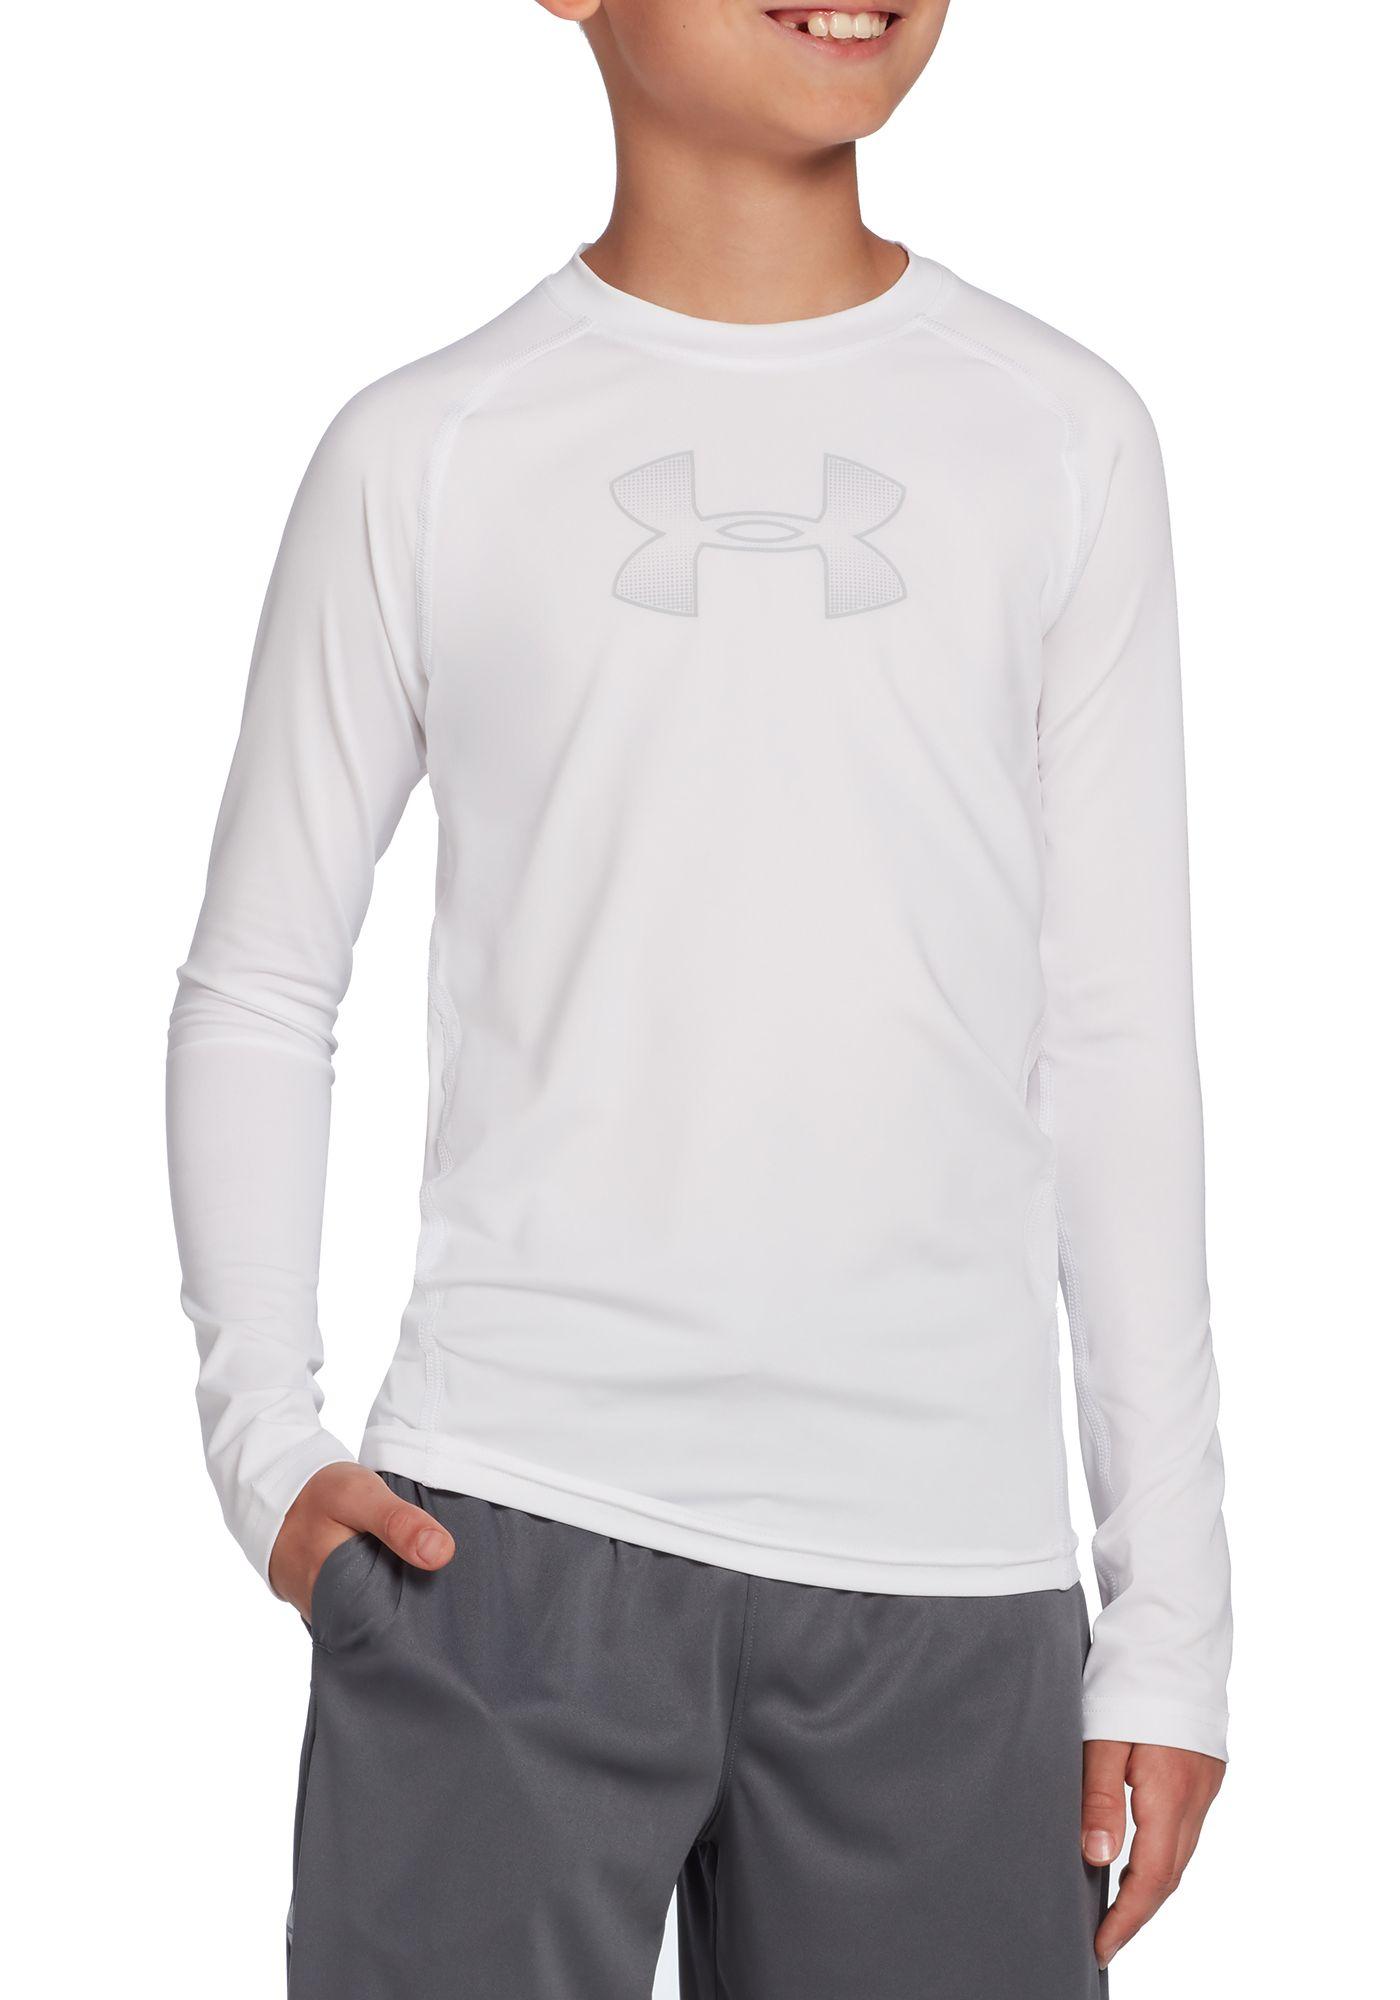 Under Armour Boys' Armour Long Sleeve Shirt